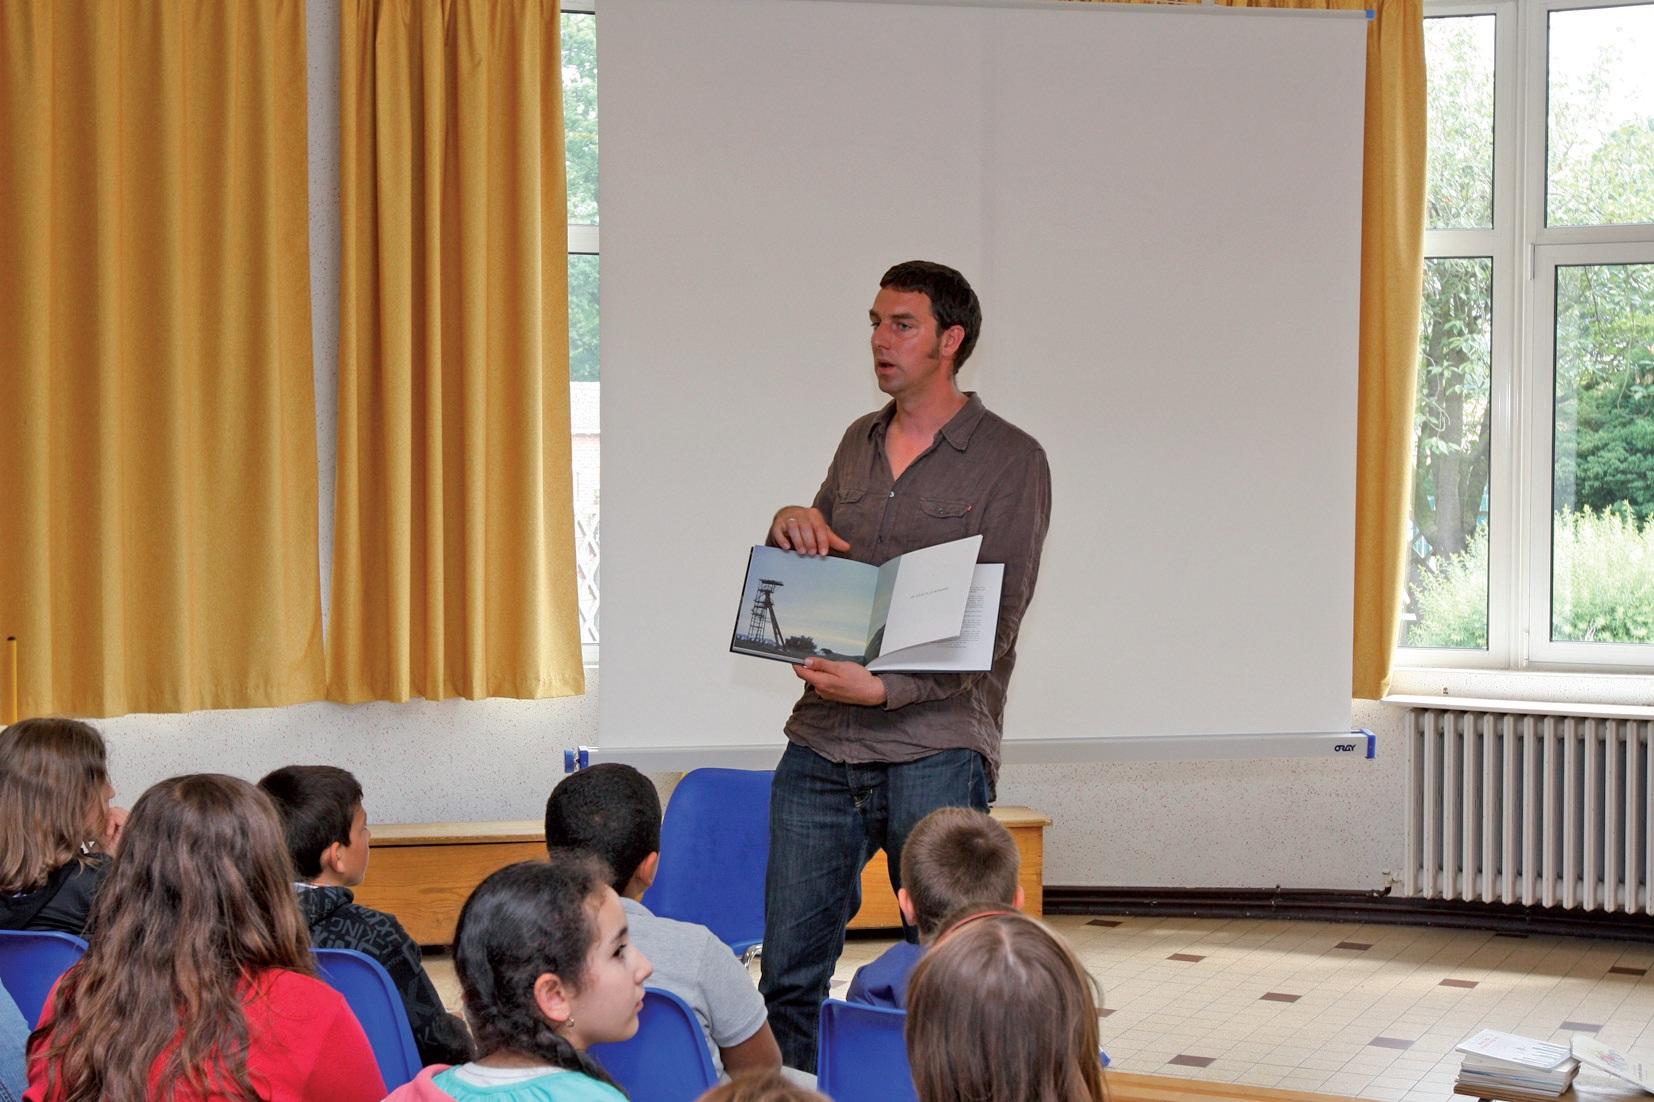 Le programme de rénovation a été l'occasion de réaliser un livre et d'impliquer les habitants, petits et grands.